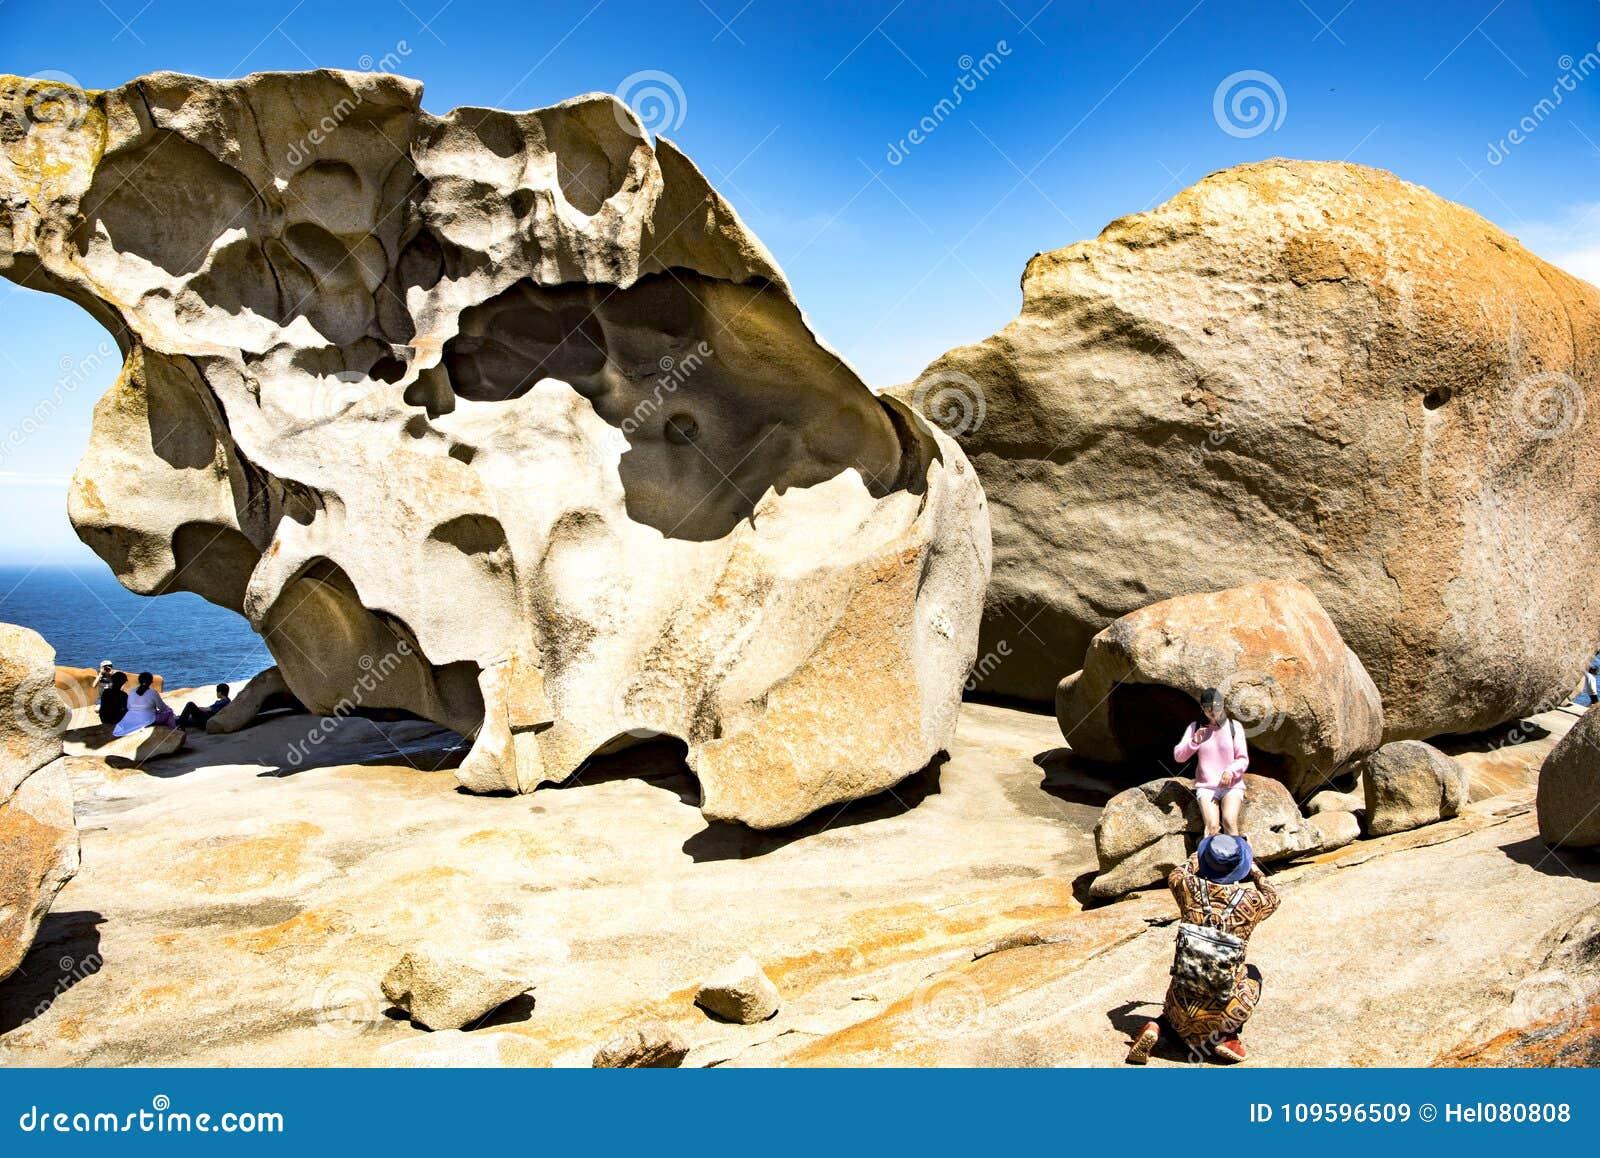 Anmärkningsvärt vaggar, folk som tar foto av anmärkningsvärt, vaggar, känguruön, Australien